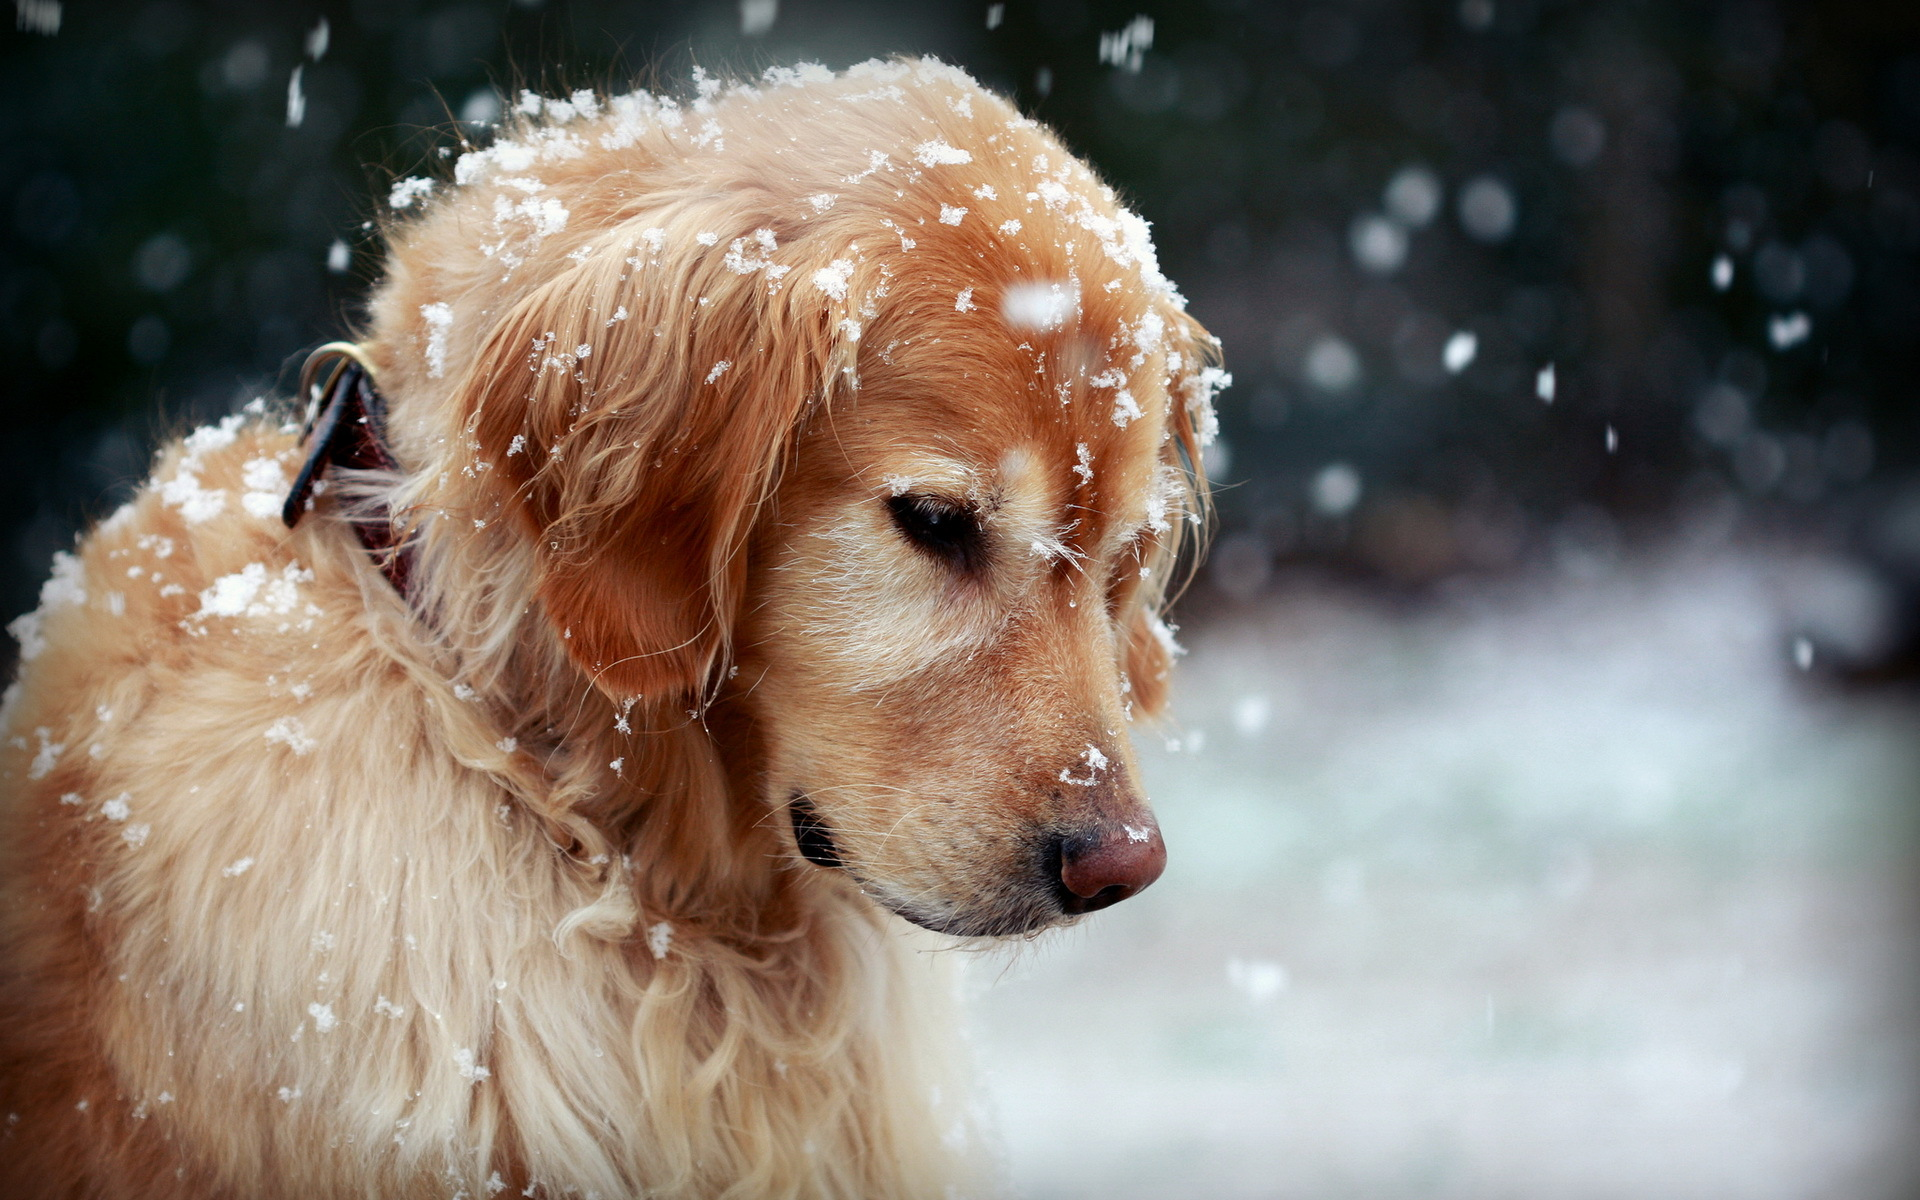 Новогодние картинки 2018 с изображением символа года - Собаки.